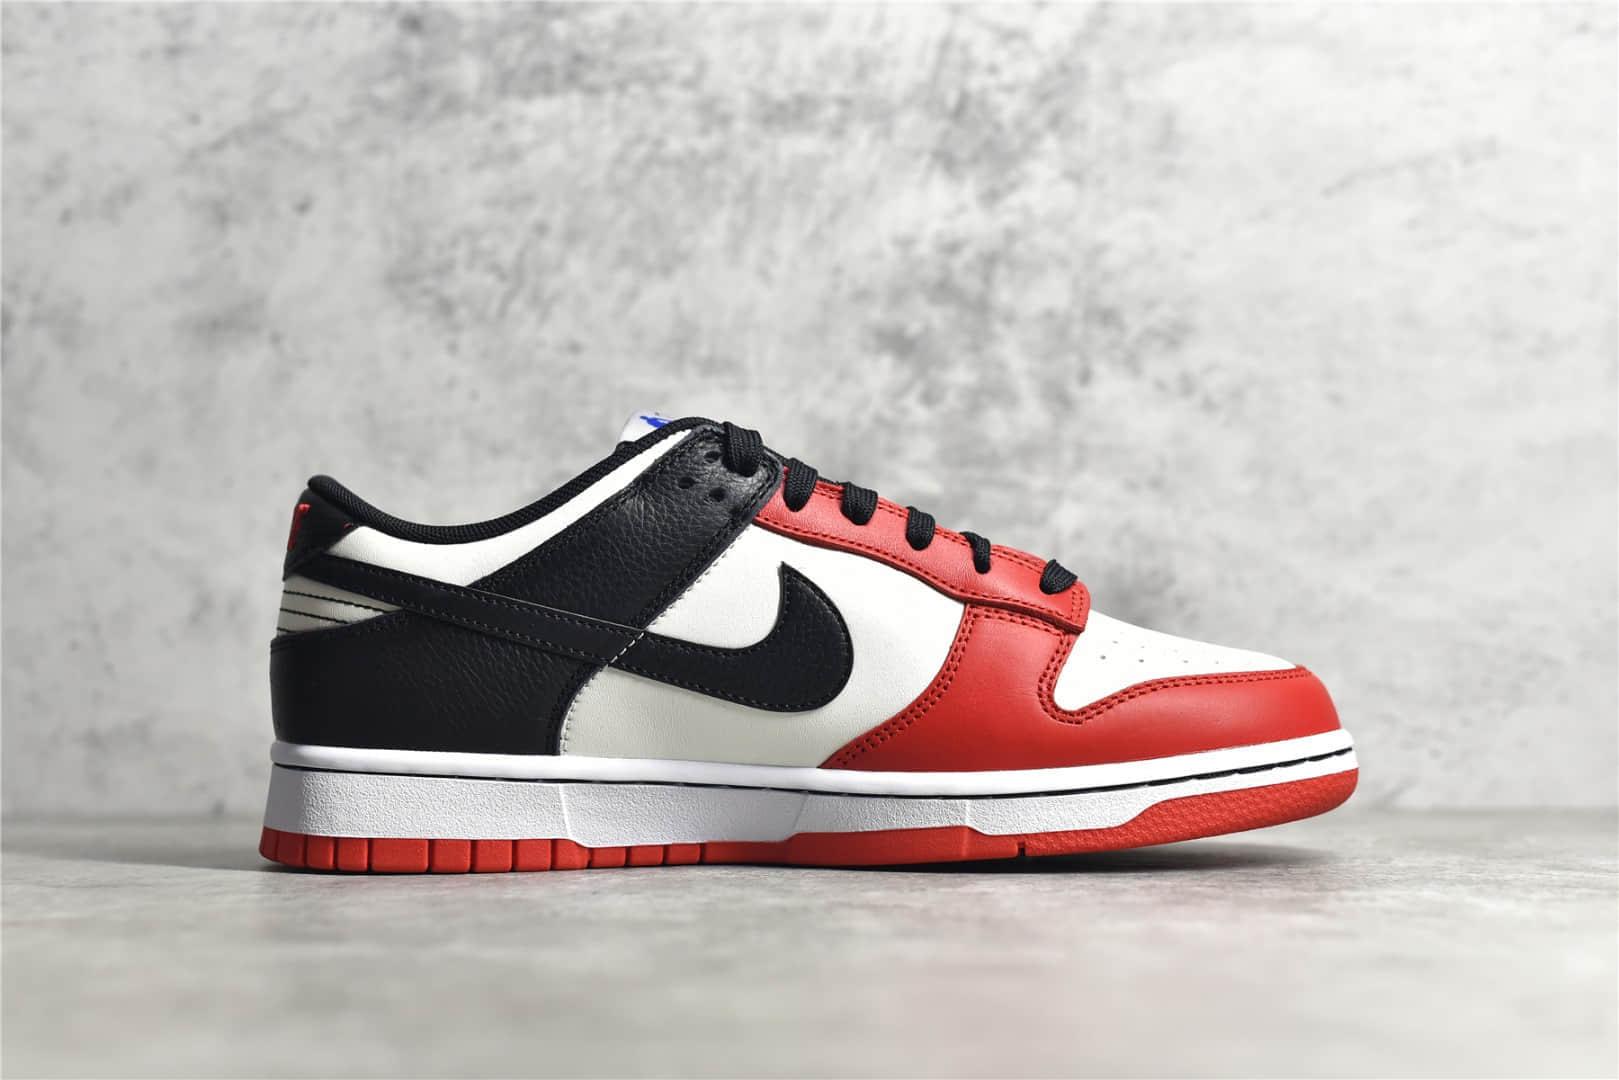 耐克SB Dunk芝加哥低帮 Nike SB Dunk Low 黑白红75周年 芝加哥公牛队 耐克SB Dunk黑白红低帮 货号:DD1503-109-潮流者之家